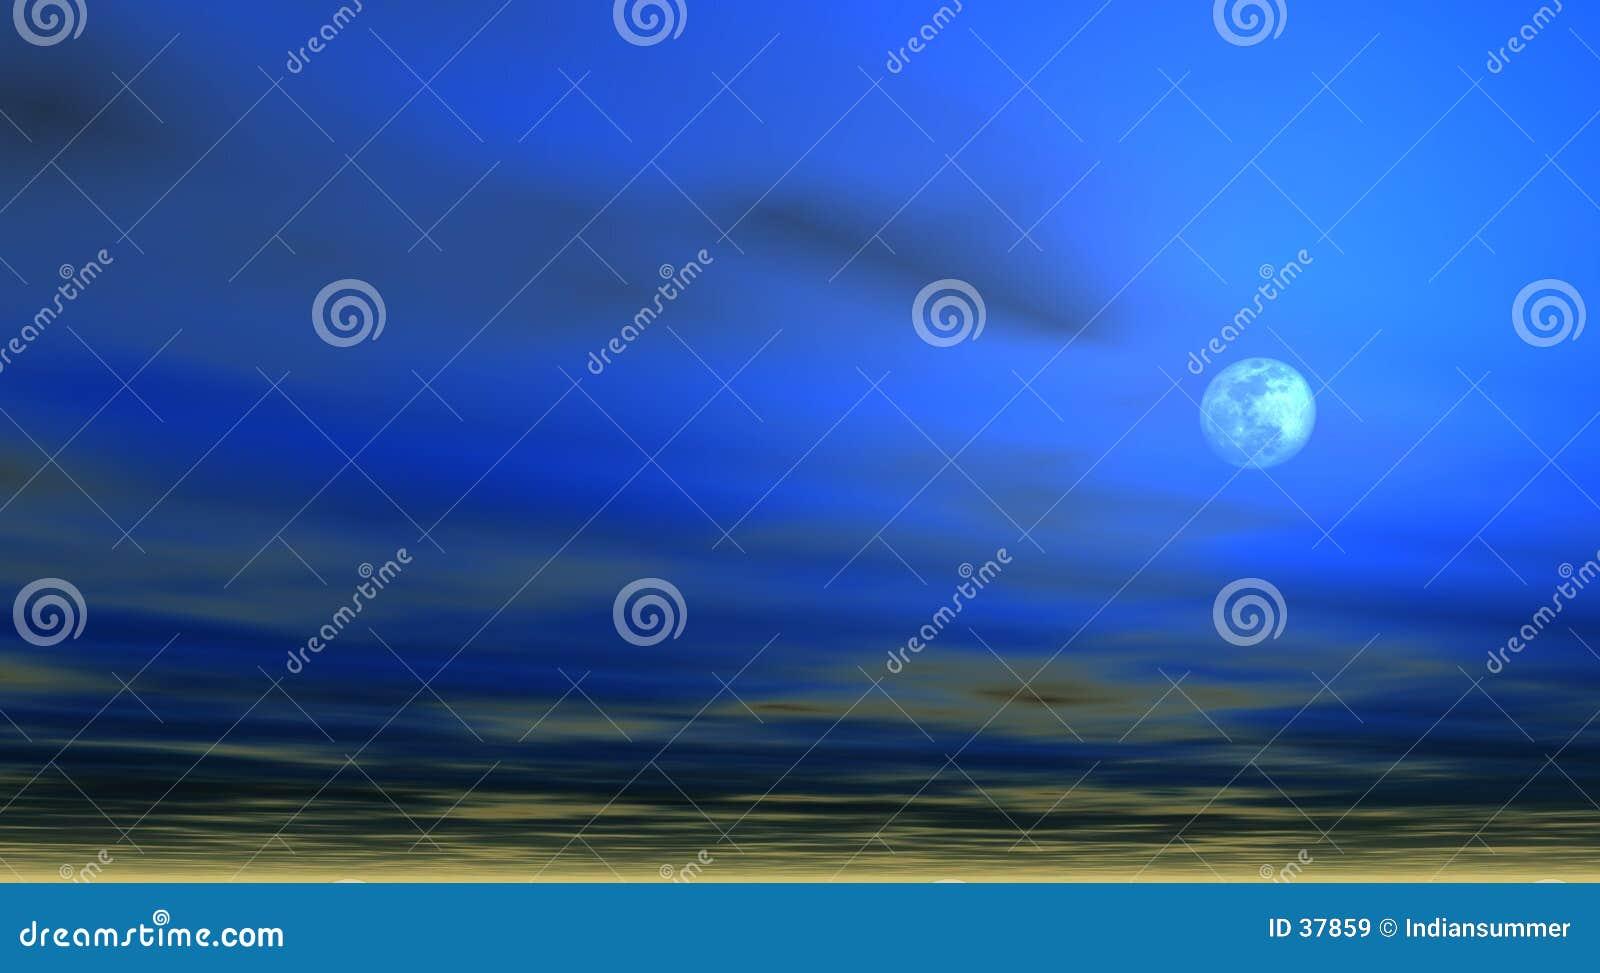 Download Fondo Del Cielo Con La Luna [4] Stock de ilustración - Ilustración de modelos, texturas: 37859